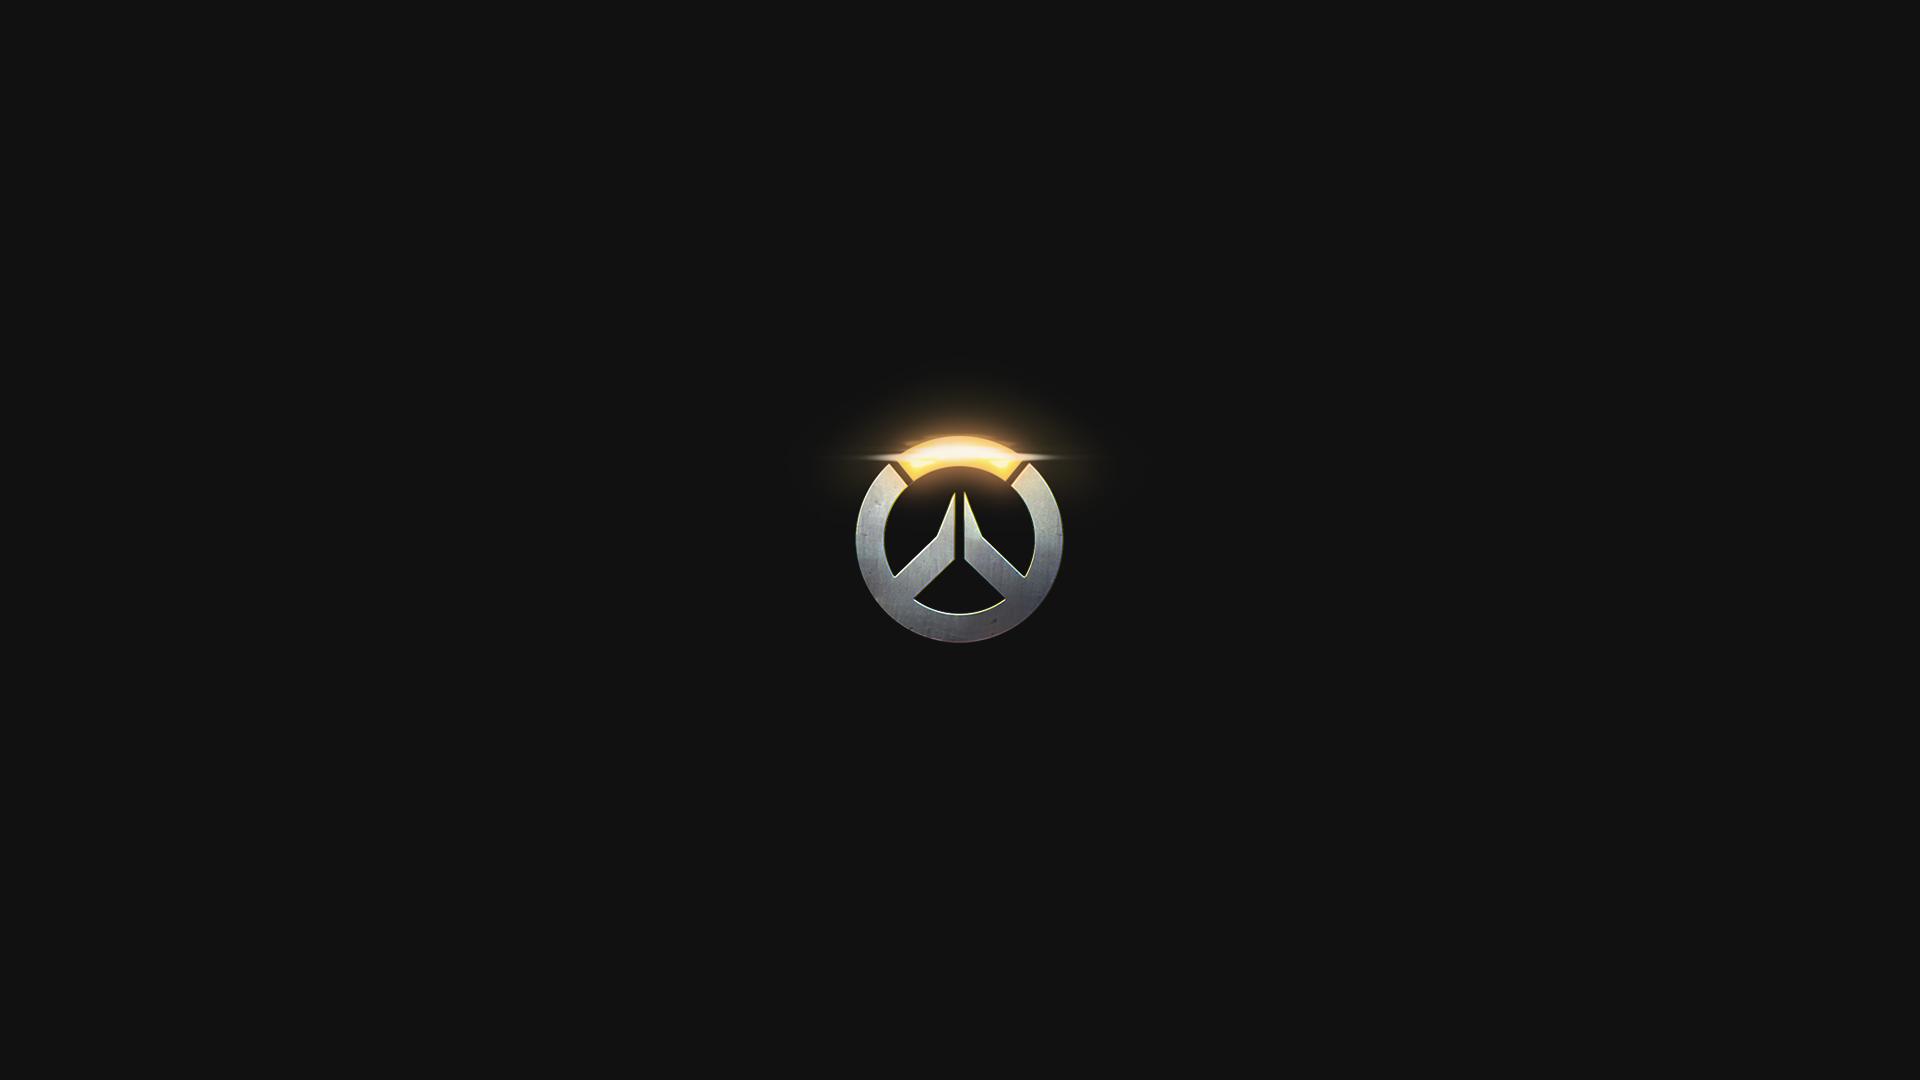 overwatch logo desktop wallpaper 66512